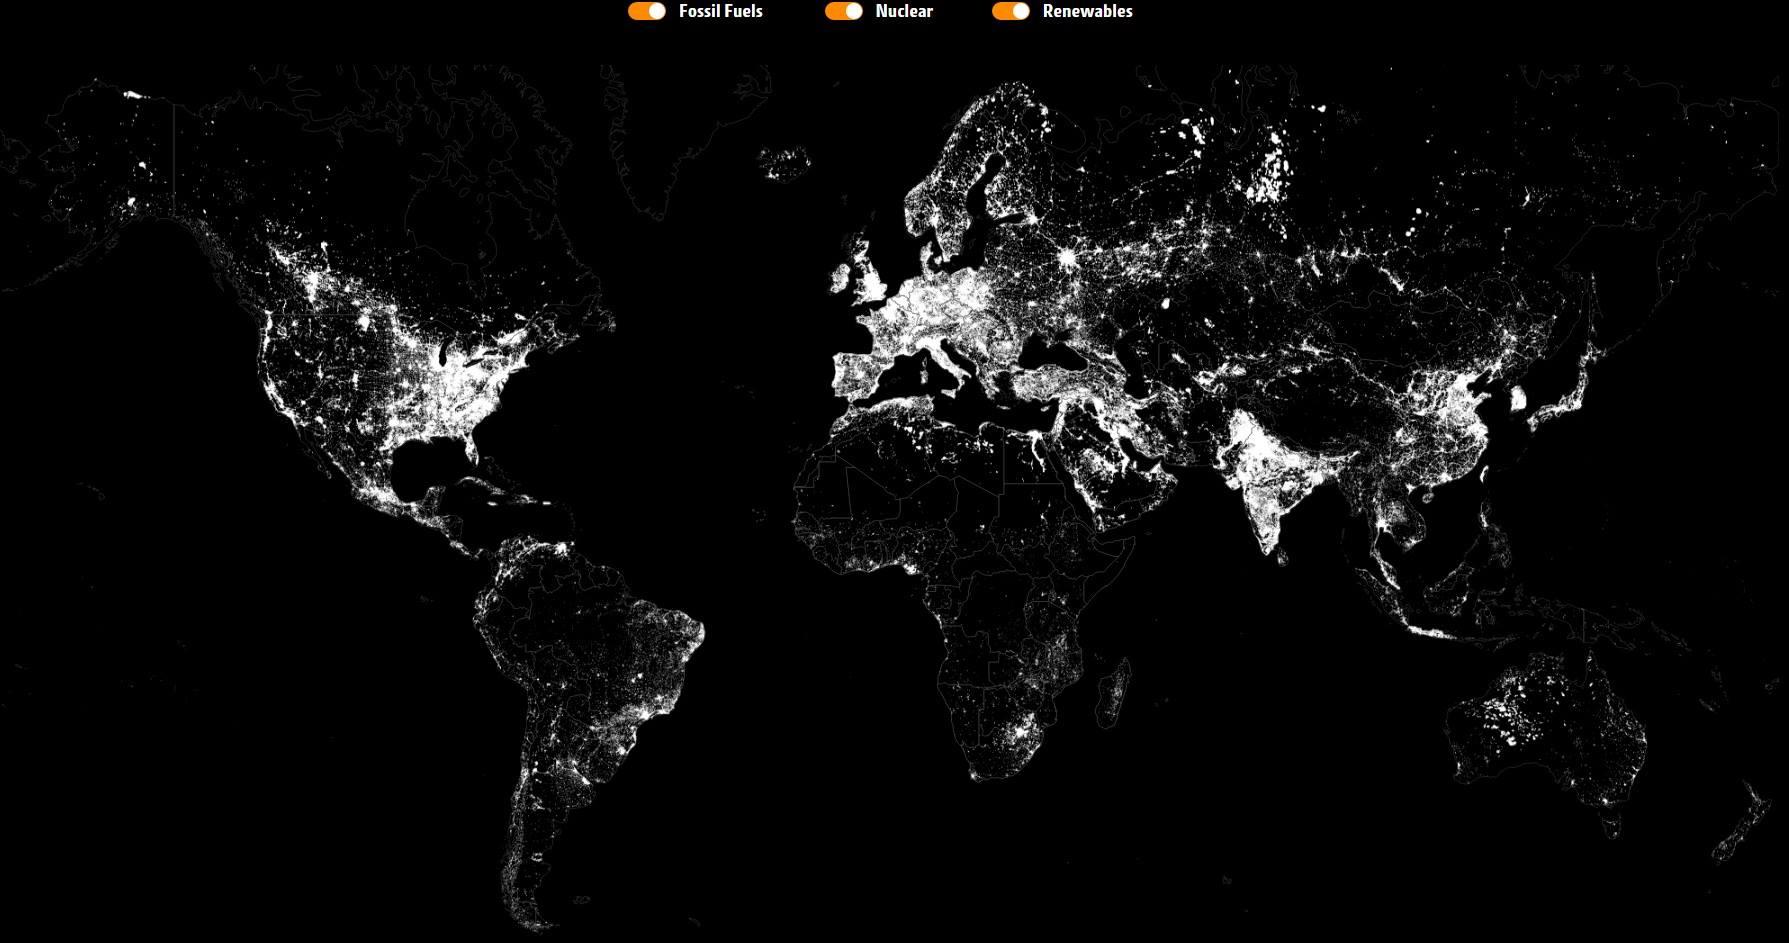 Cartina Mondiale Interattiva.Energia E Pianeta Mappa Interattiva Illuminata